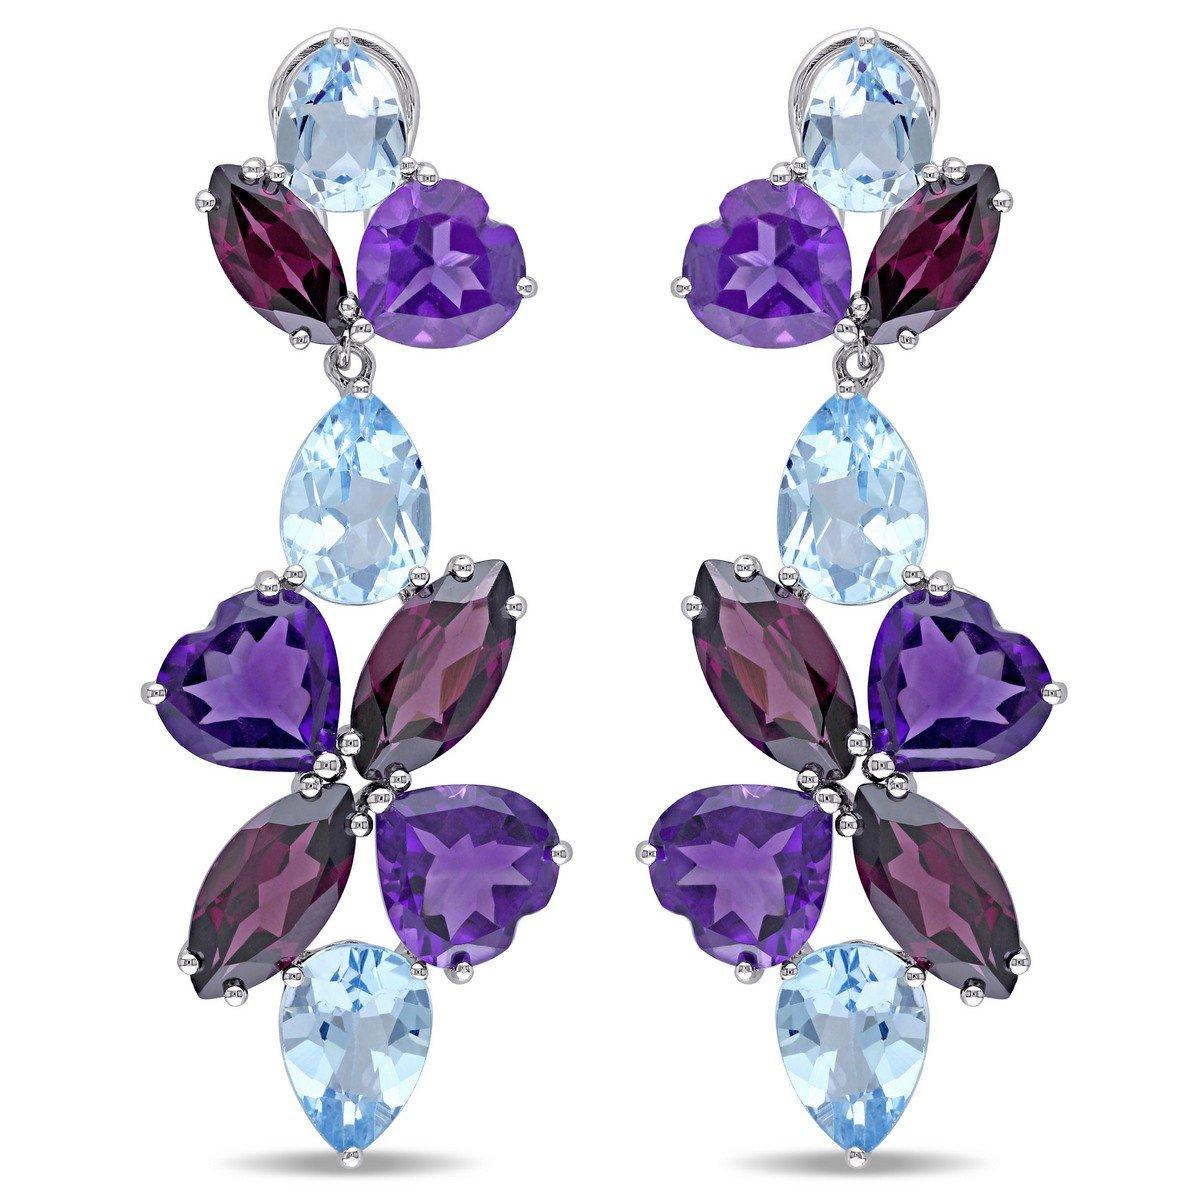 Sterling Silver 35ct TGW bluee Topaz Rhodlite Amethyst Earrings